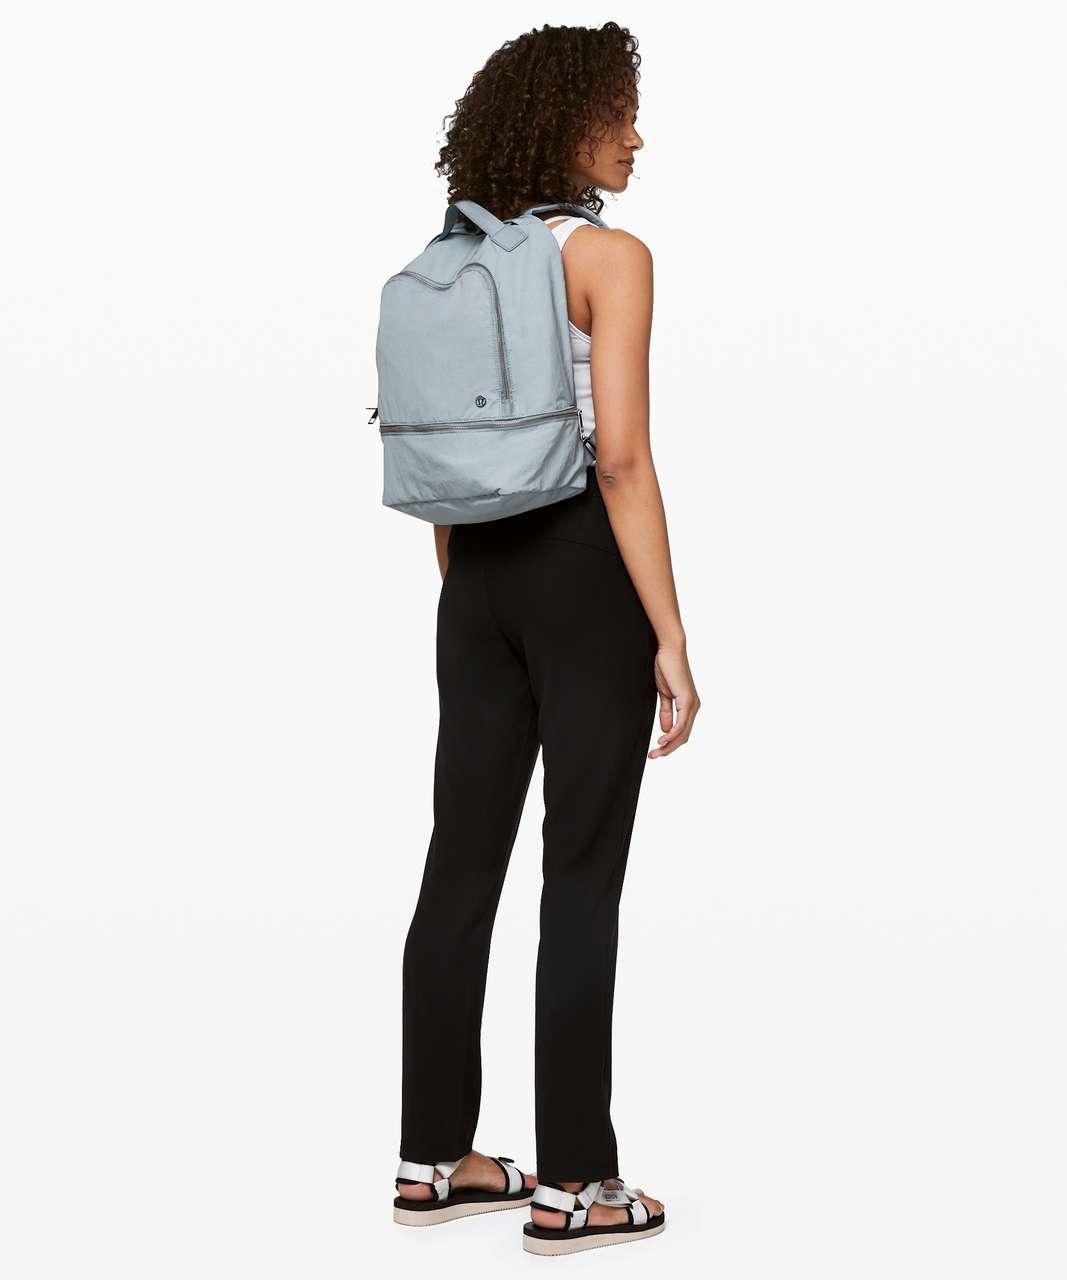 Lululemon City Adventurer Backpack *17L - Chambray